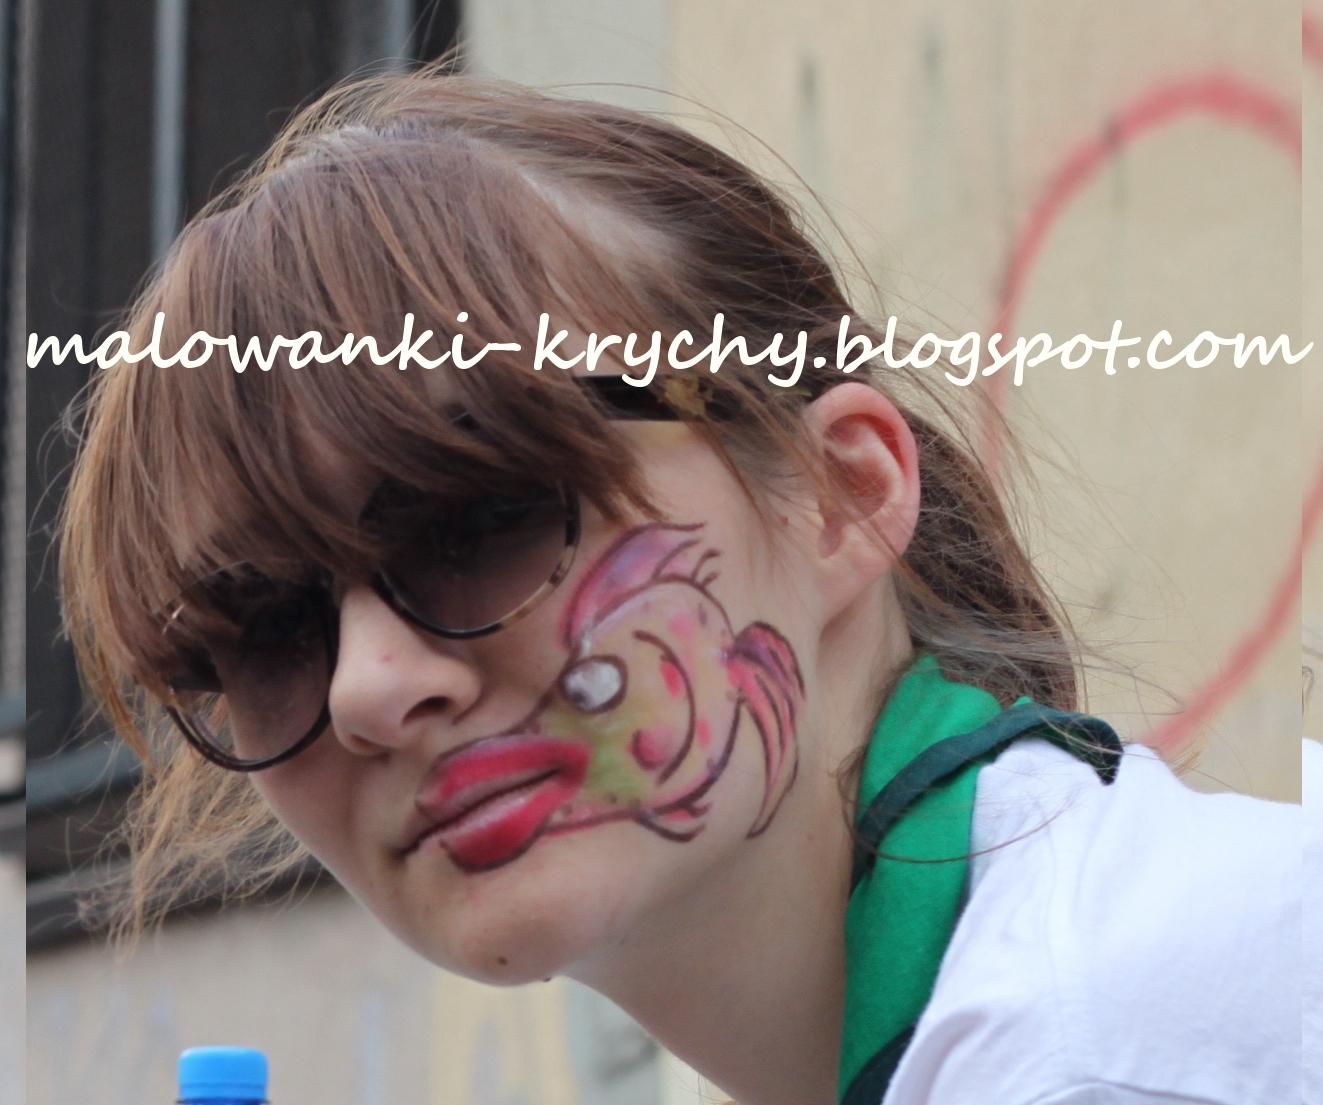 Malowanki Krychy Jak Pomalować Twarz Dziecku